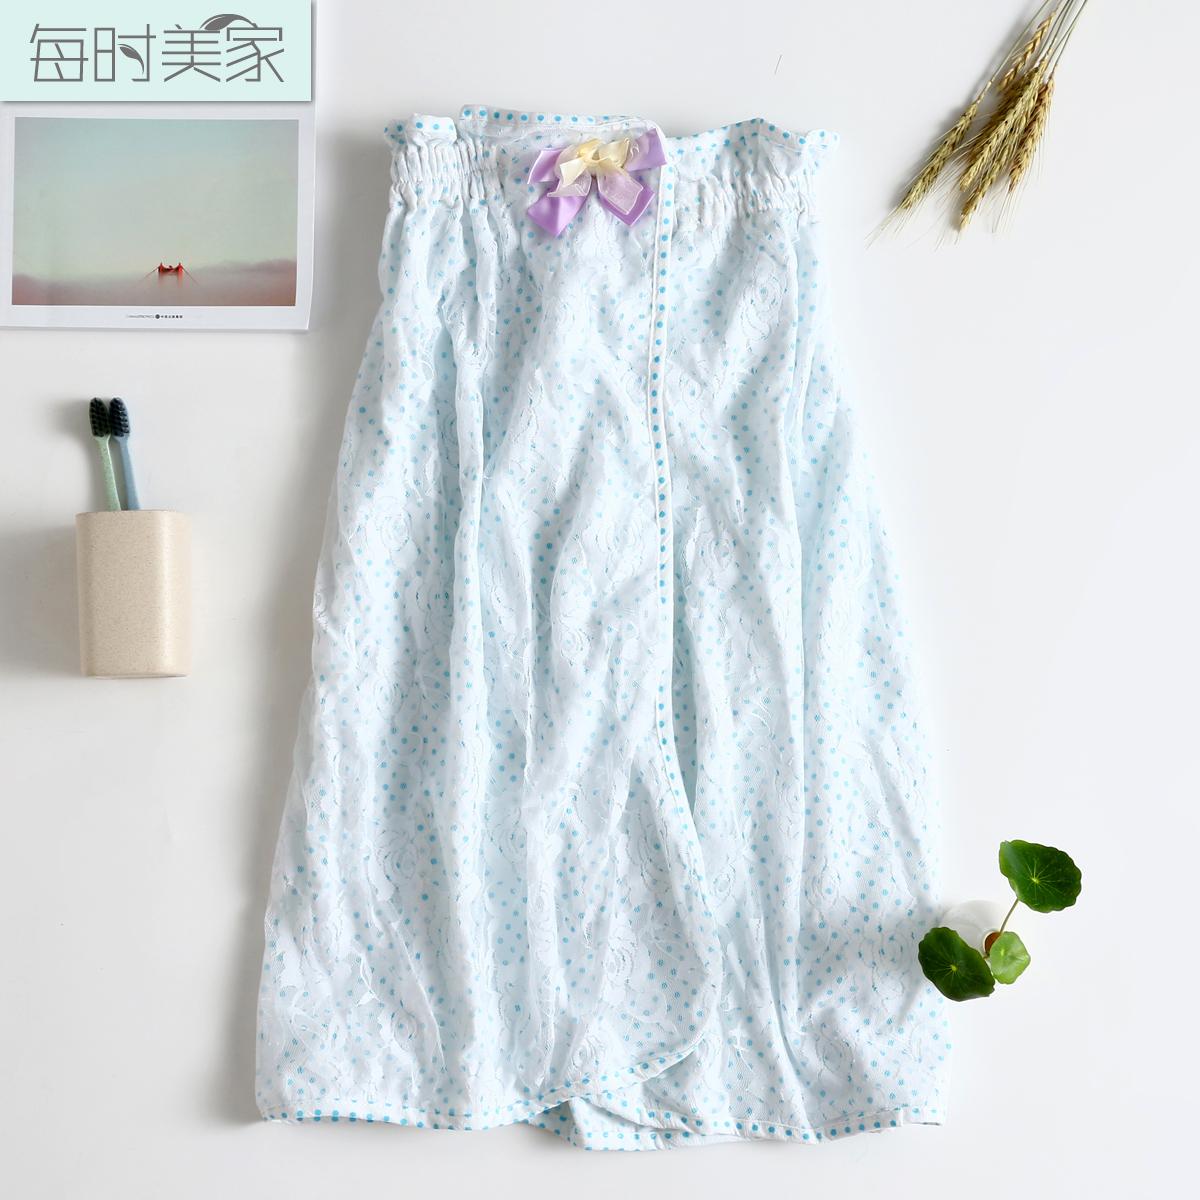 Корейский хлопок бюстгальтер ванна юбка тонкий летний купаться носить полотенце косметология больница халаты абсорбент завернутые груди ванна юбка